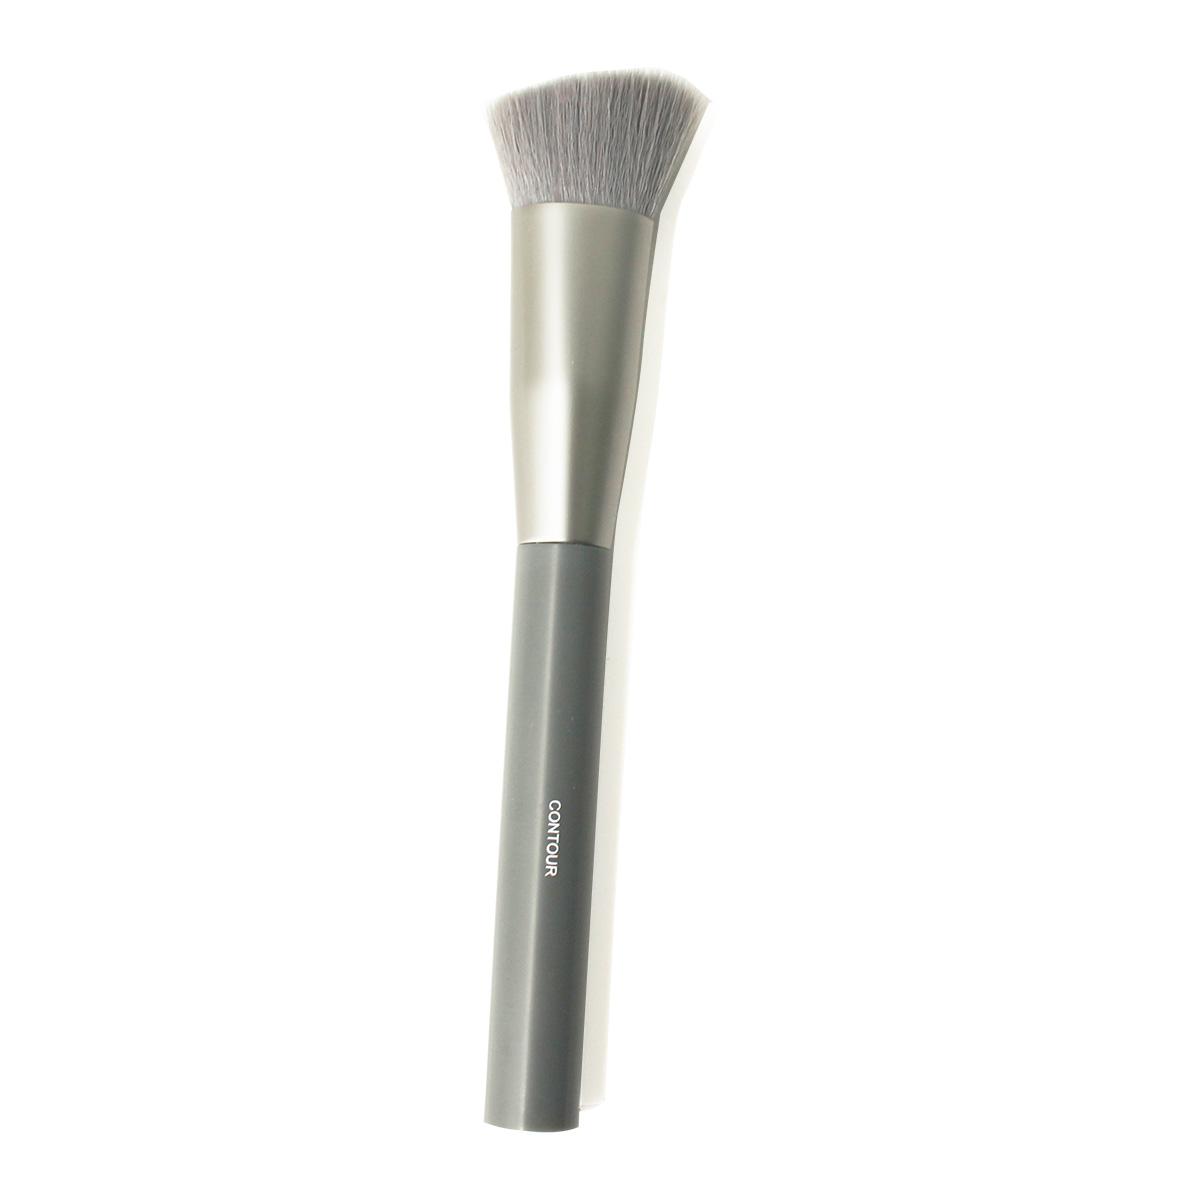 Cọ tạo khối ( cọ contour) đầu vát phẳng Nhật Bản Miniso Macaroon Series-Contour Brush chính hãng chuyên nghiệp đánh phấn má, cằm, trán (màu xám kim loại) - MNS090